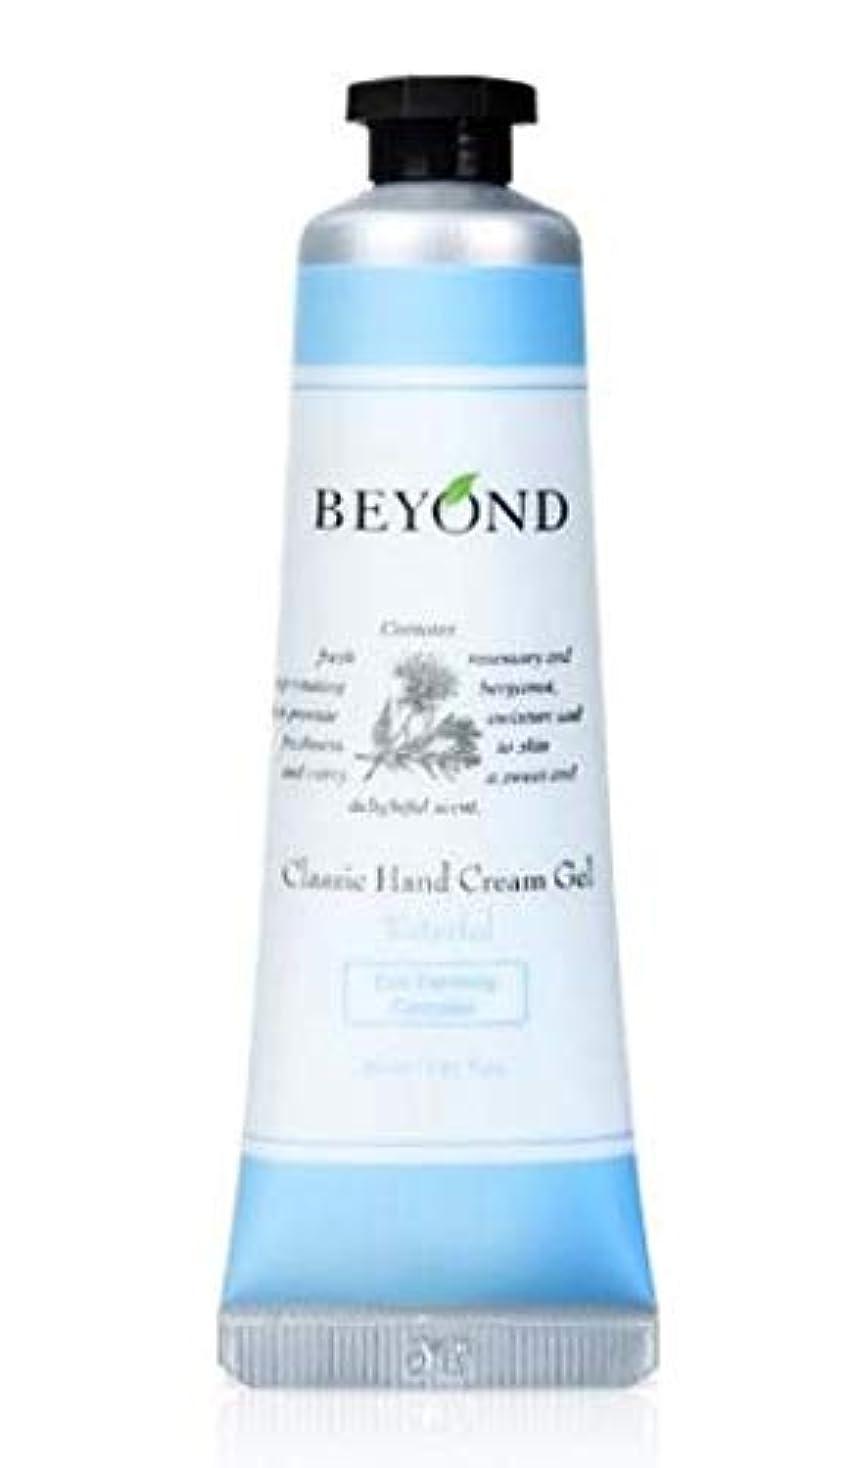 記念日電気陽性汚染[ビヨンド] BEYOND [クラシッ クハンドクリーム ジェル - ウォーターフール 30ml] Classic Hand Cream Gel - Waterful 30ml [海外直送品]